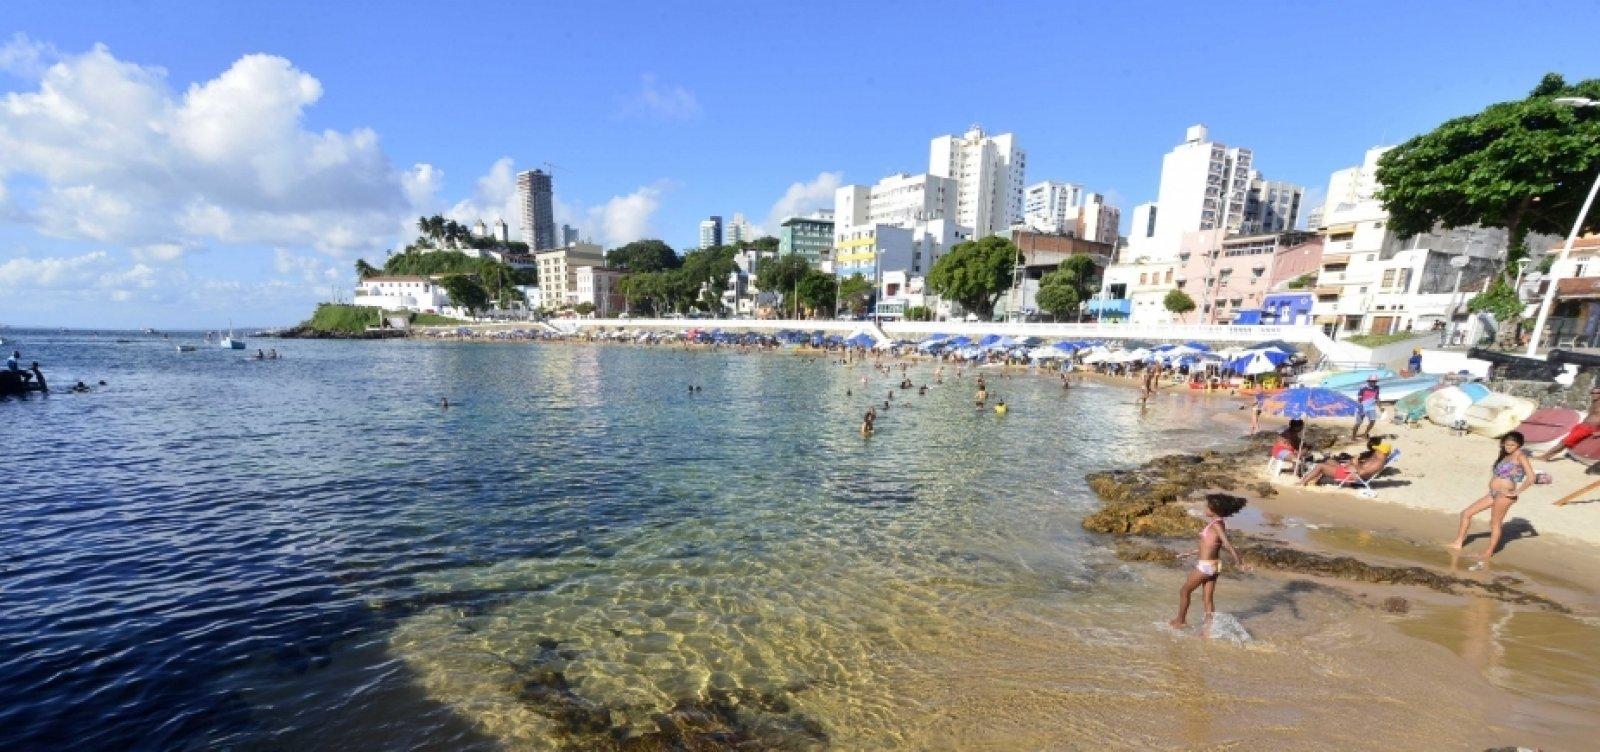 ['Muito difícil' liberar o acesso às praias, como antigamente, ainda esse ano, afirma Guanabara]